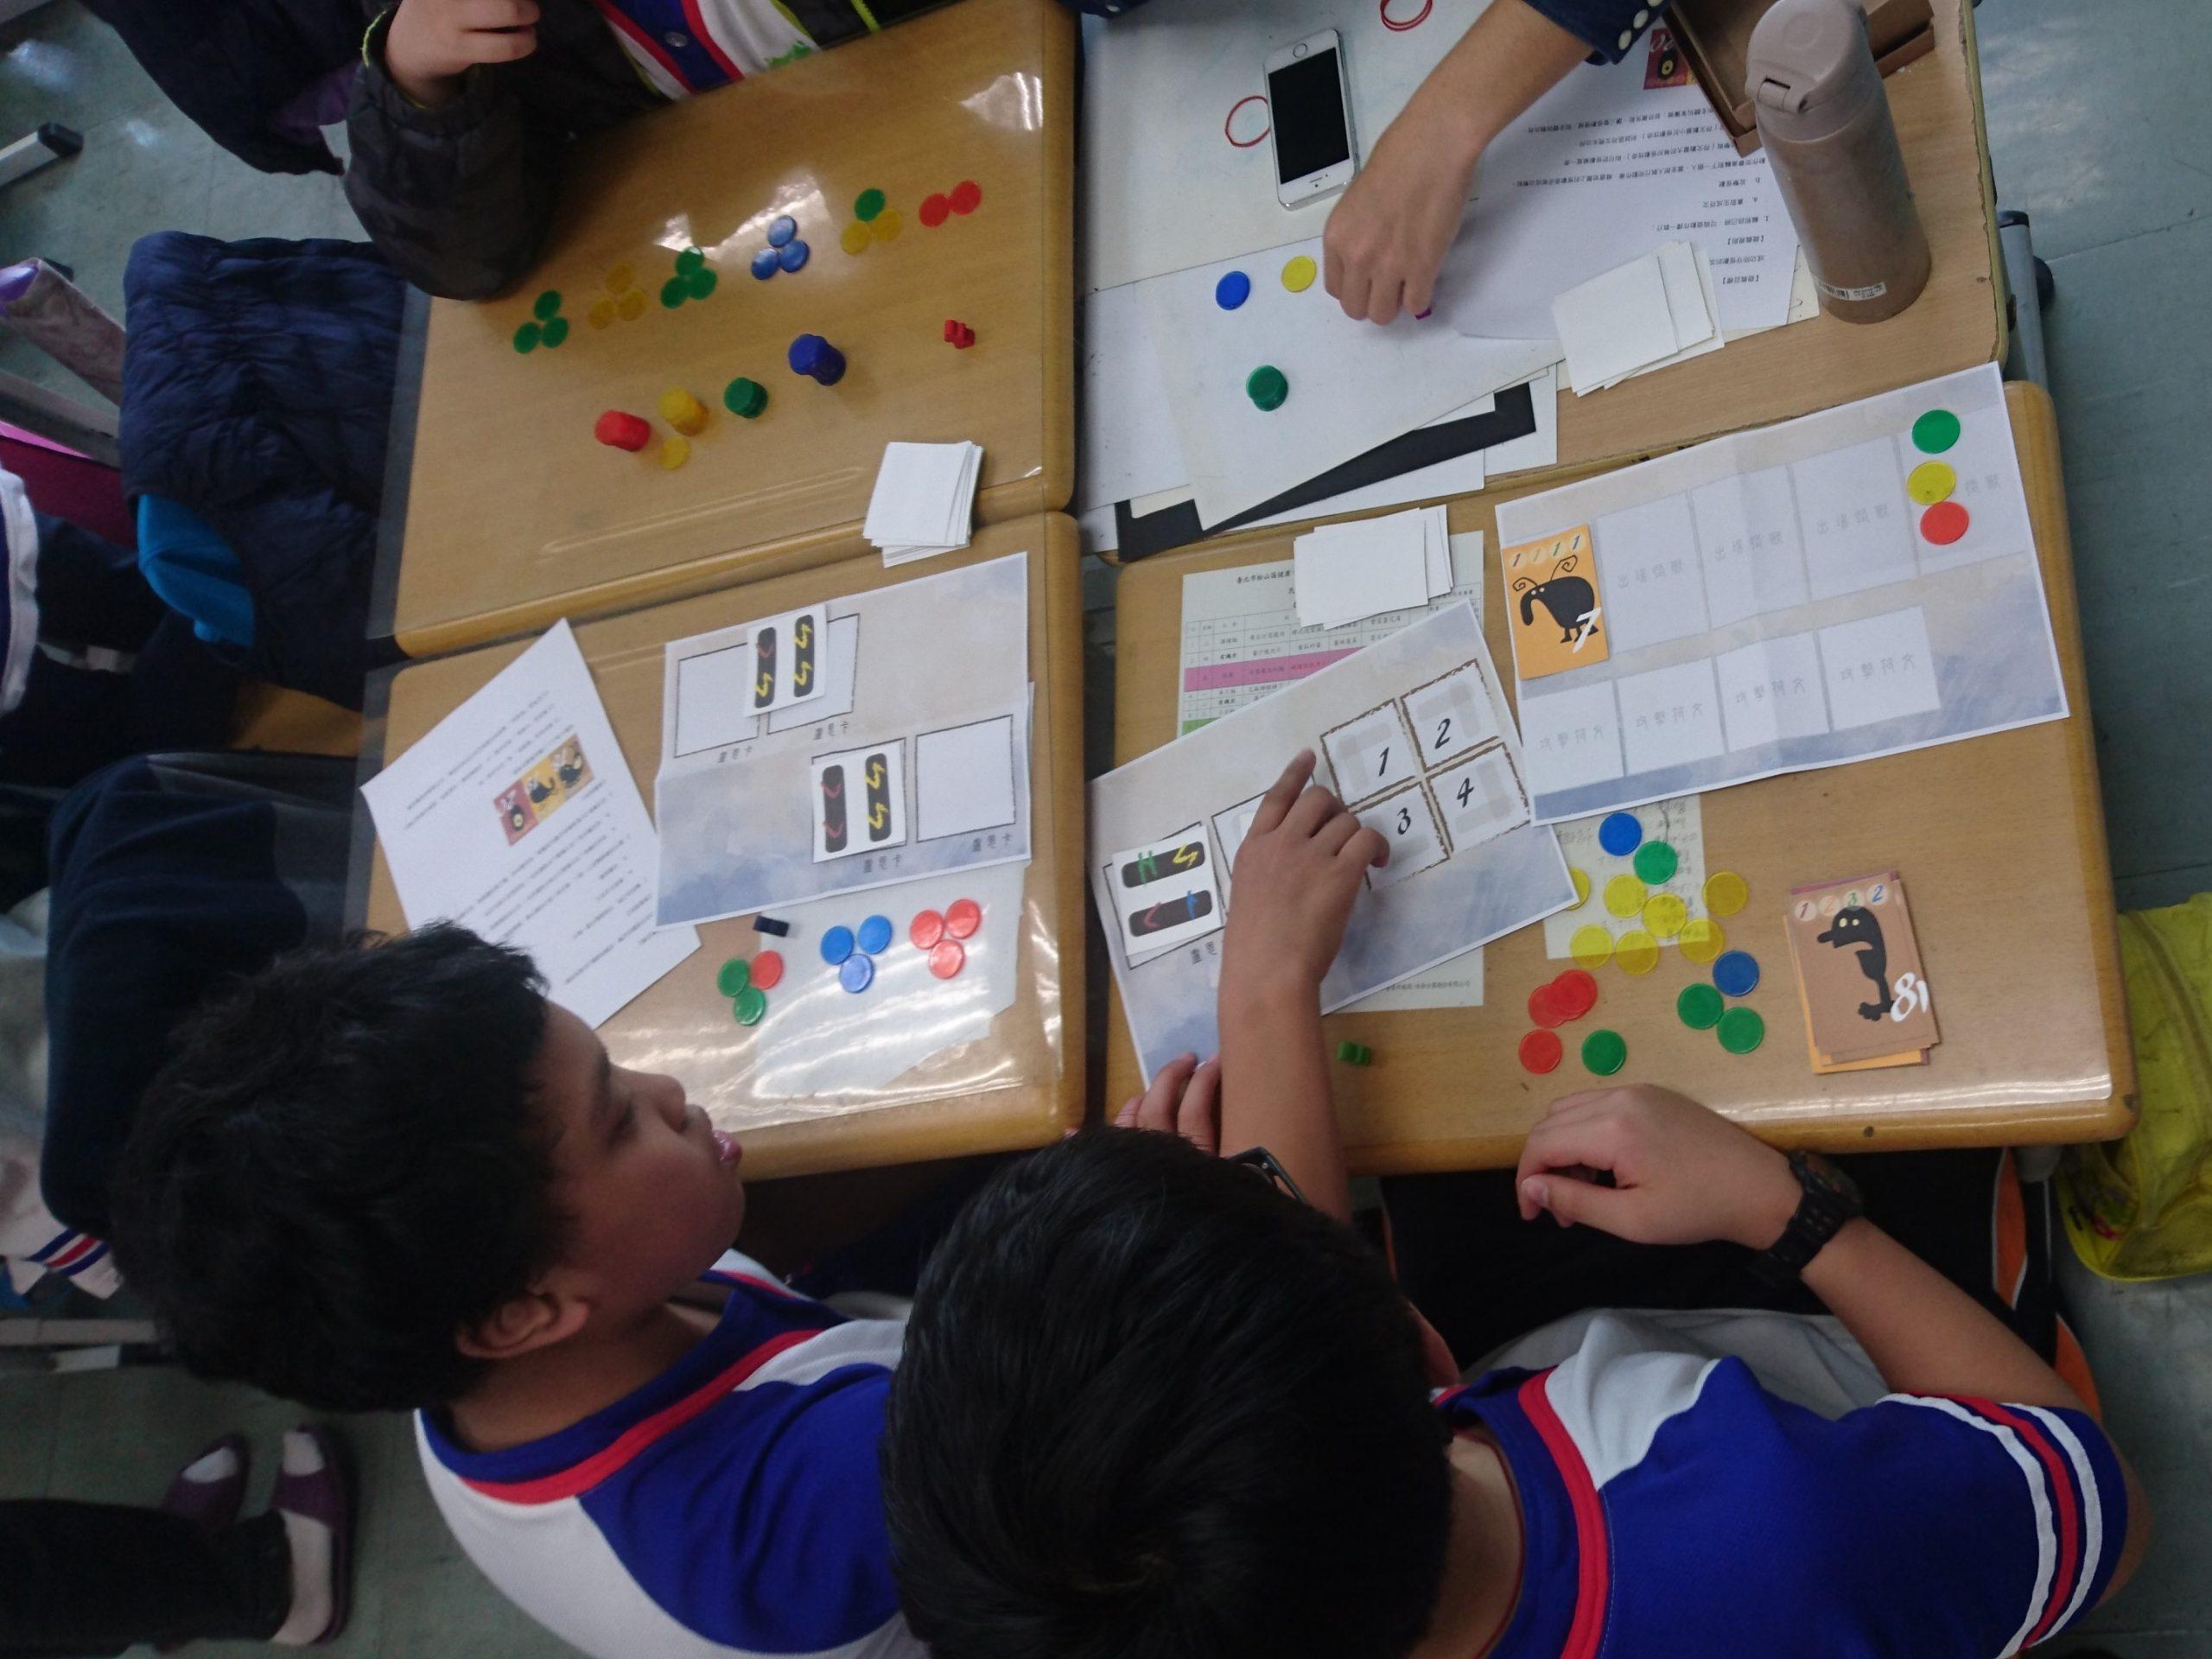 【遊戲教學x翻轉教室】鷹架與放手─讓孩子更有參與感